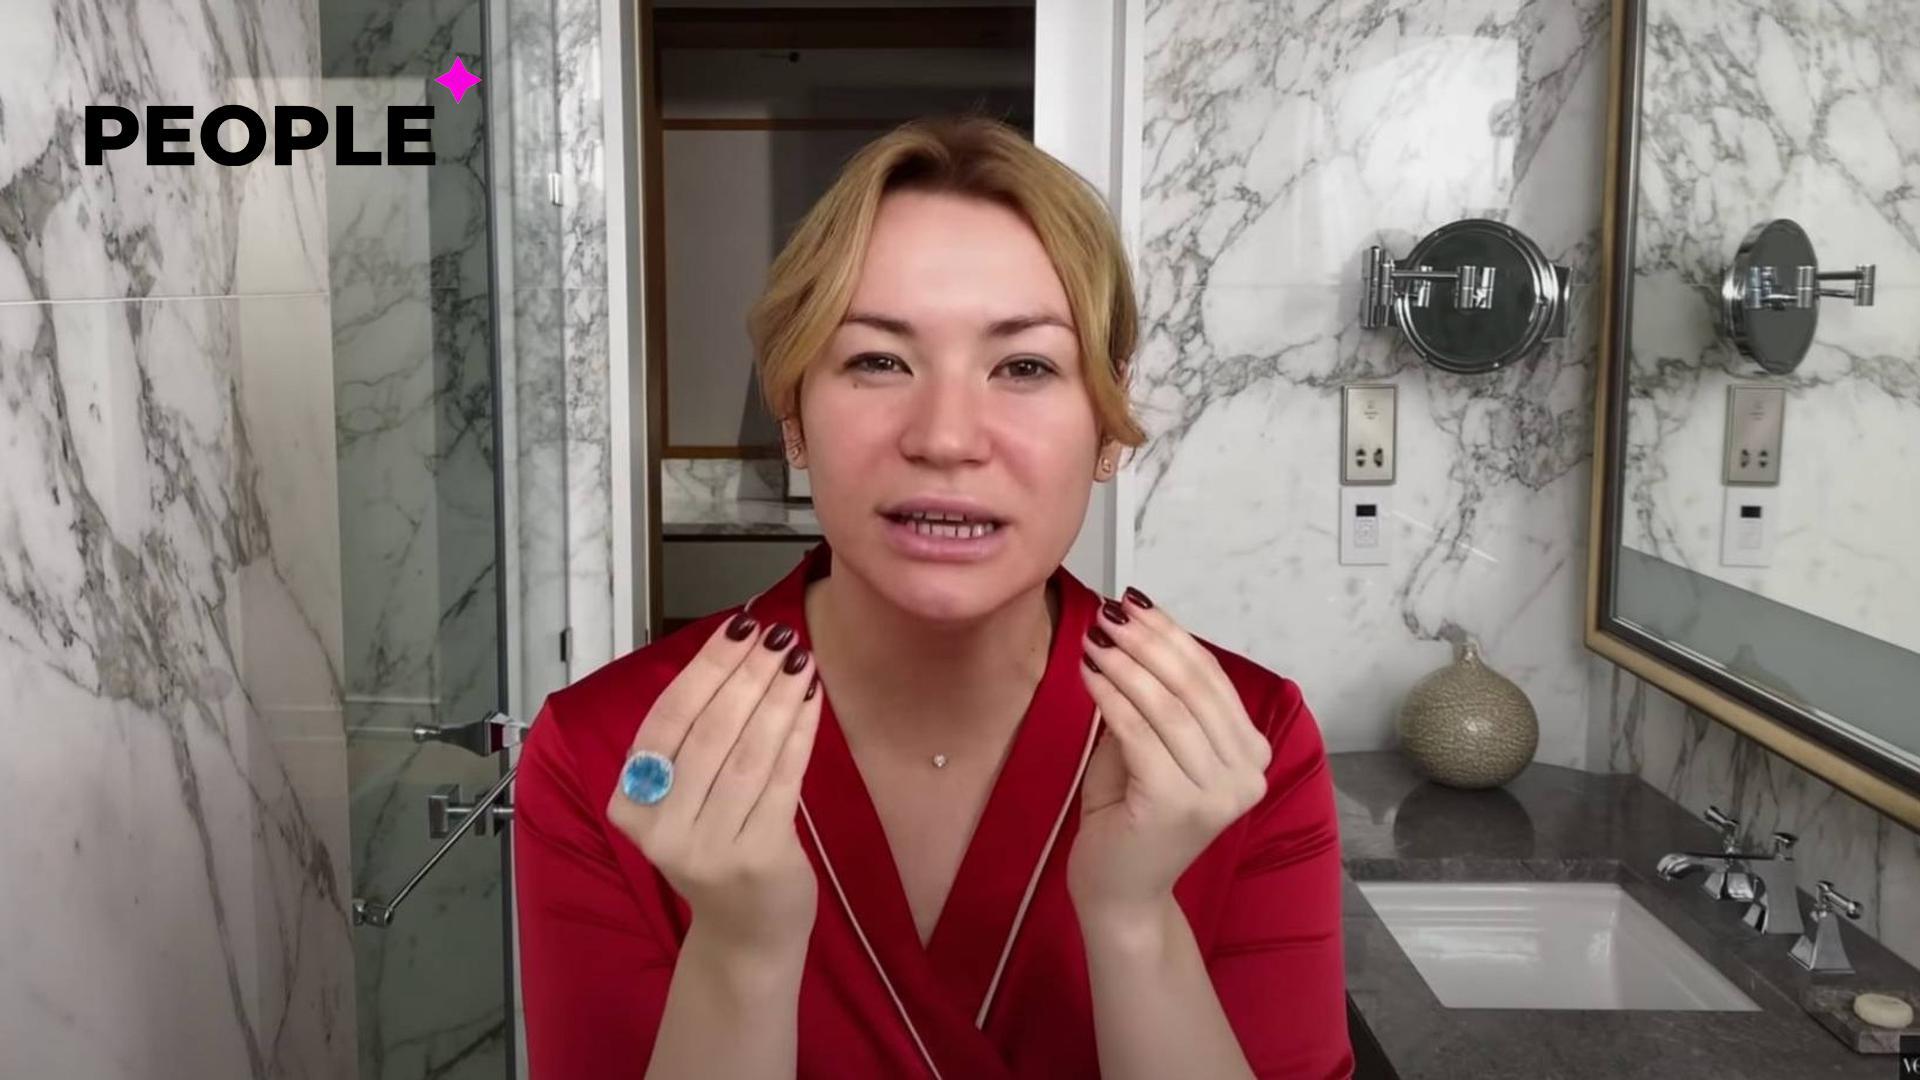 Блогер Ида Галич рассказала, что вся ее семья подхватила ужасную болезнь